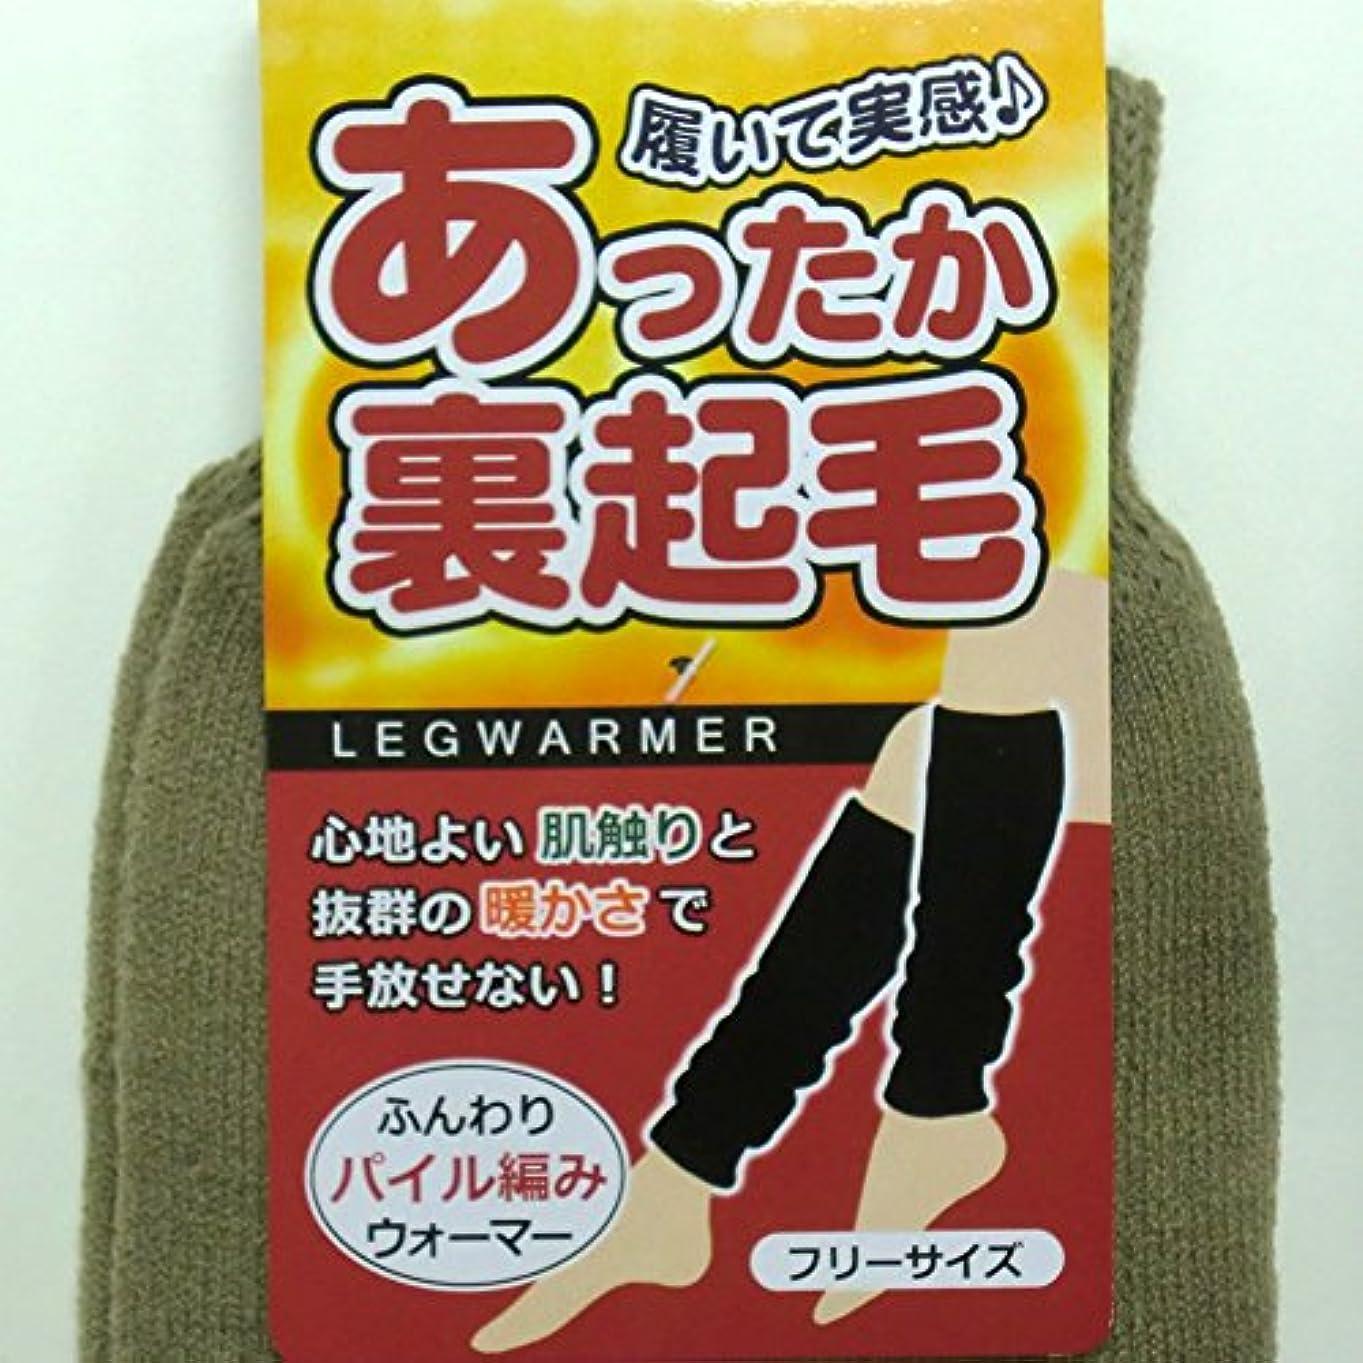 裁定生産性重要なあったか ロング レッグウォーマー 45cm丈 裏起毛 パイル編み カプサイシン加工 男女兼用 2足組(柄はお任せ)